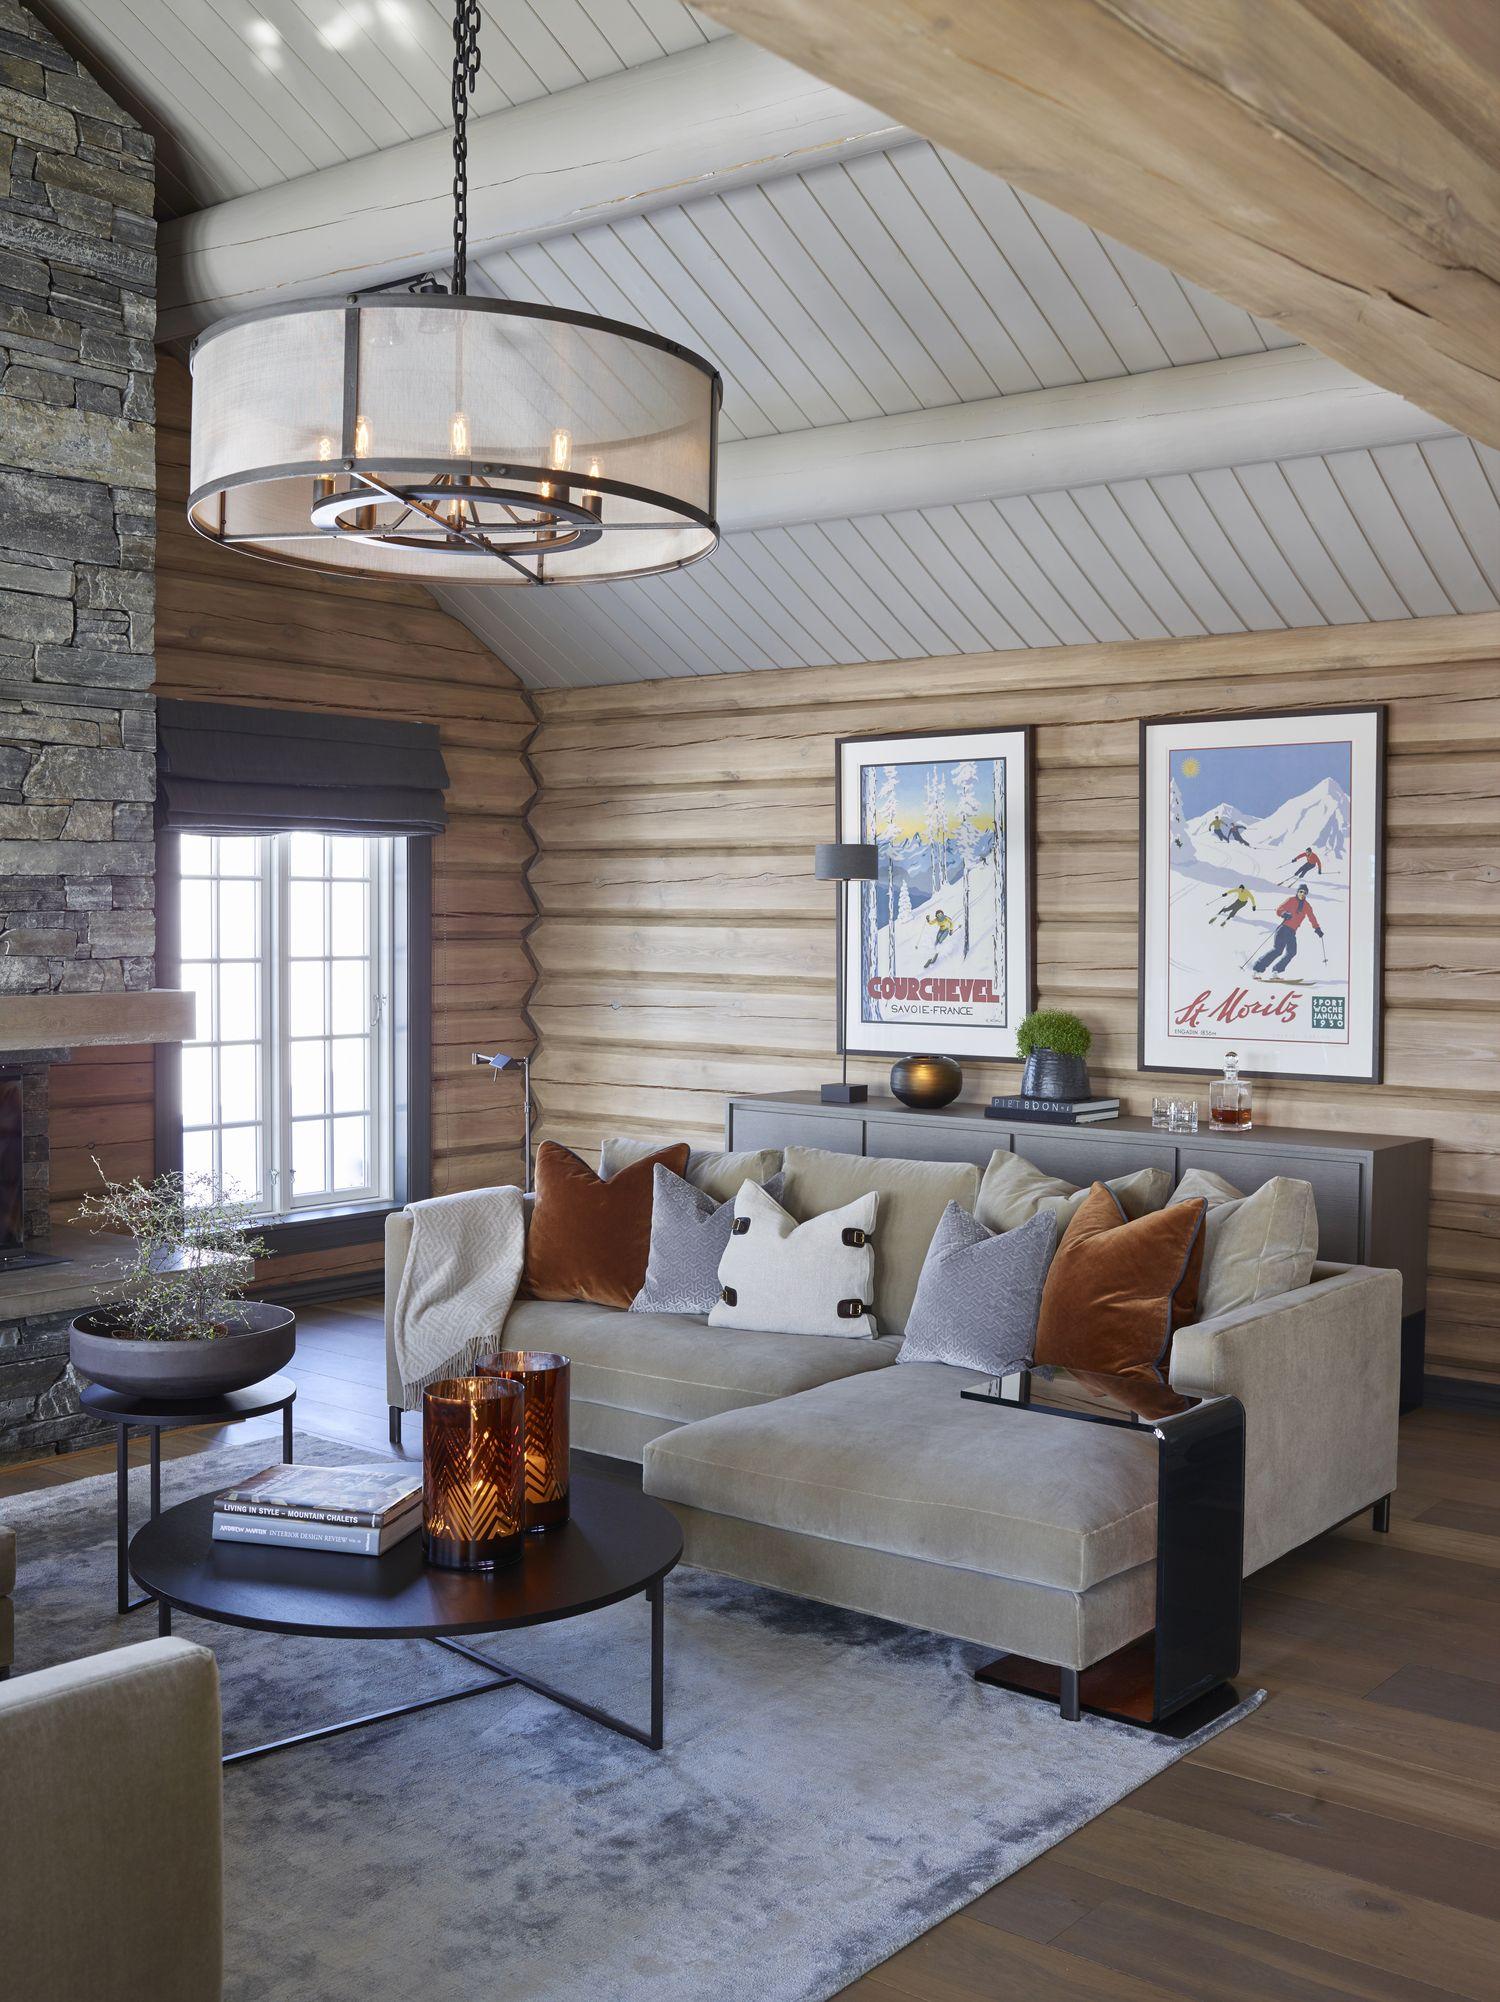 Mountain Home Interior Design Ideas: Fjellodge, Norefjell In 2019